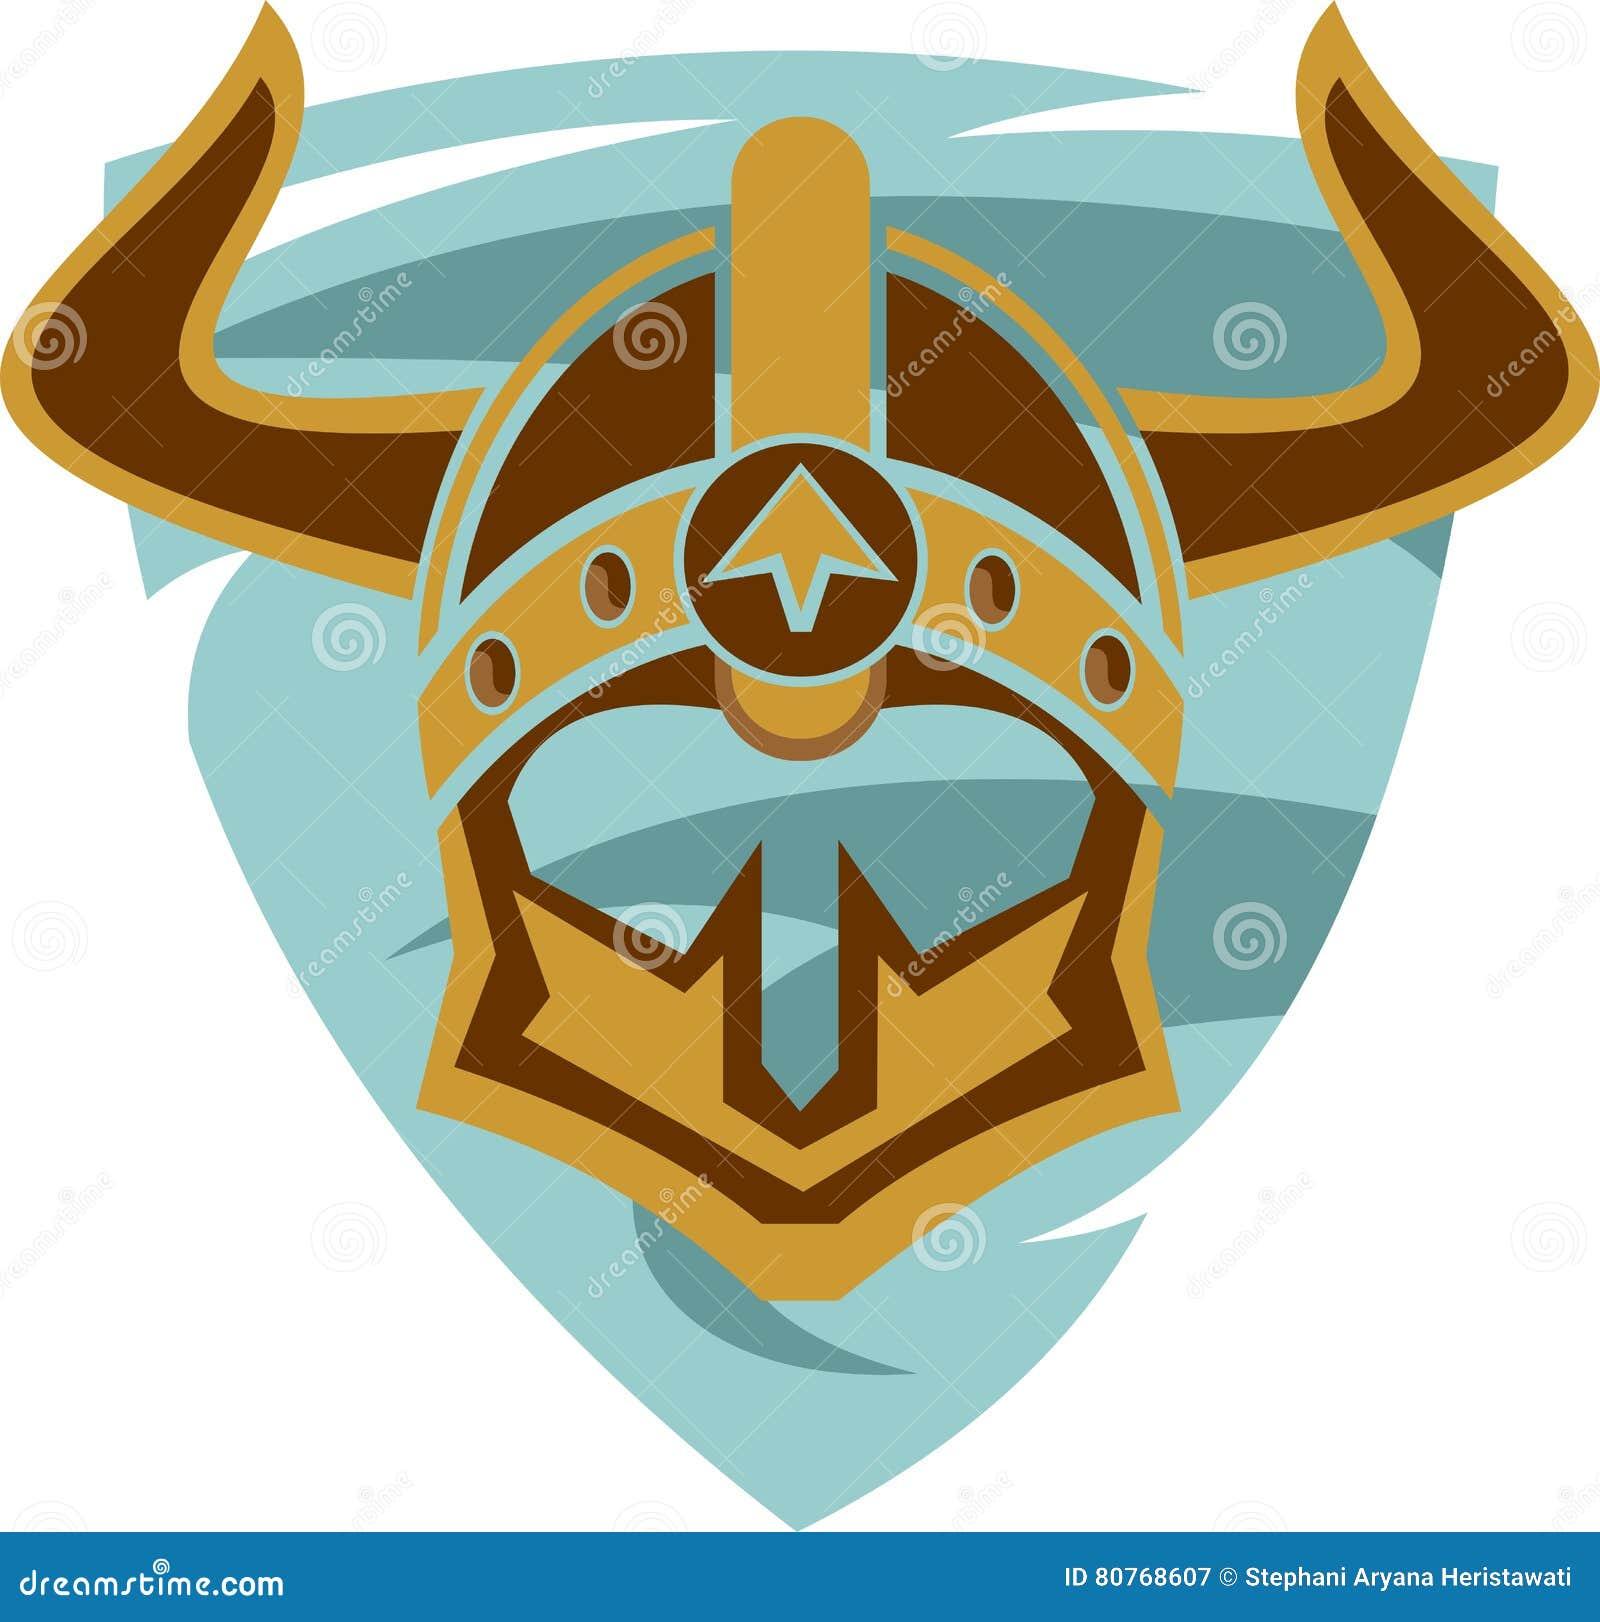 stock logo viking helmet on shield stock vector image 80768607